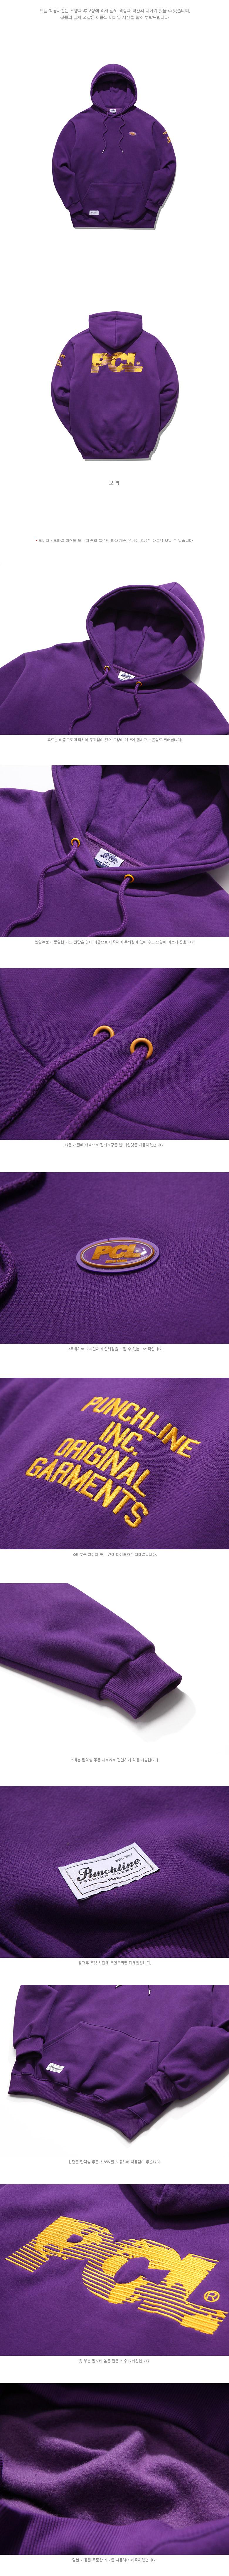 20180829_pl_STHD6109_detail_purple.jpg